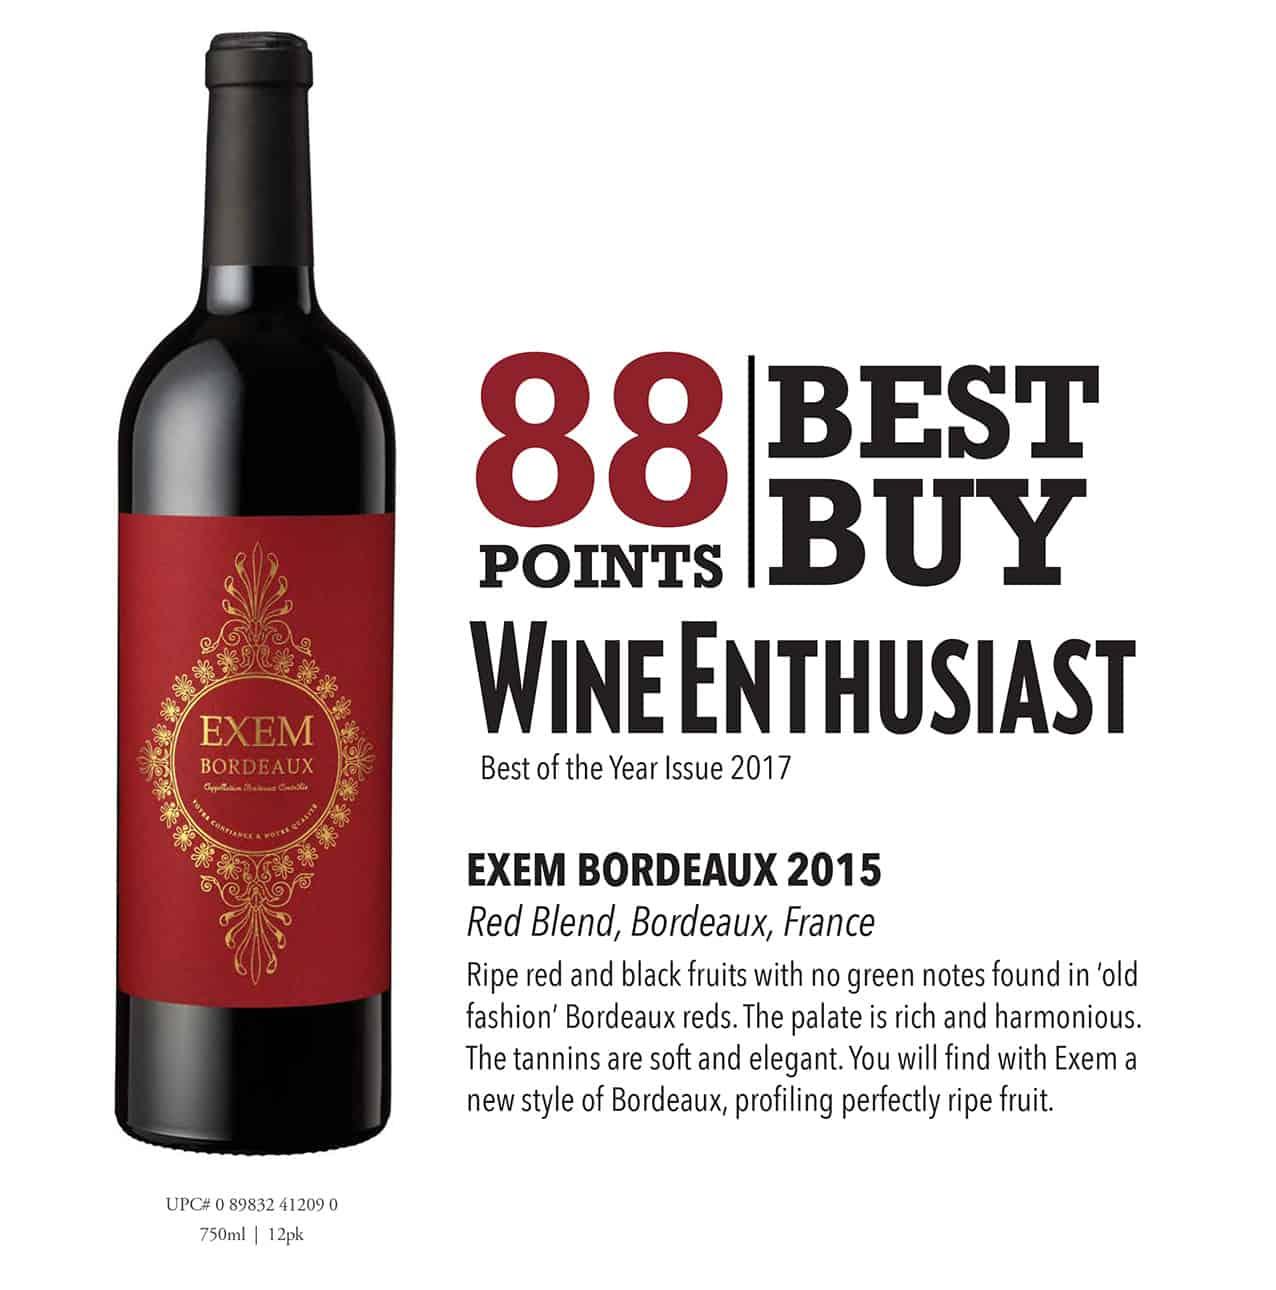 Exem Bordeaux Uncomplicated Bordeaux Master Wines